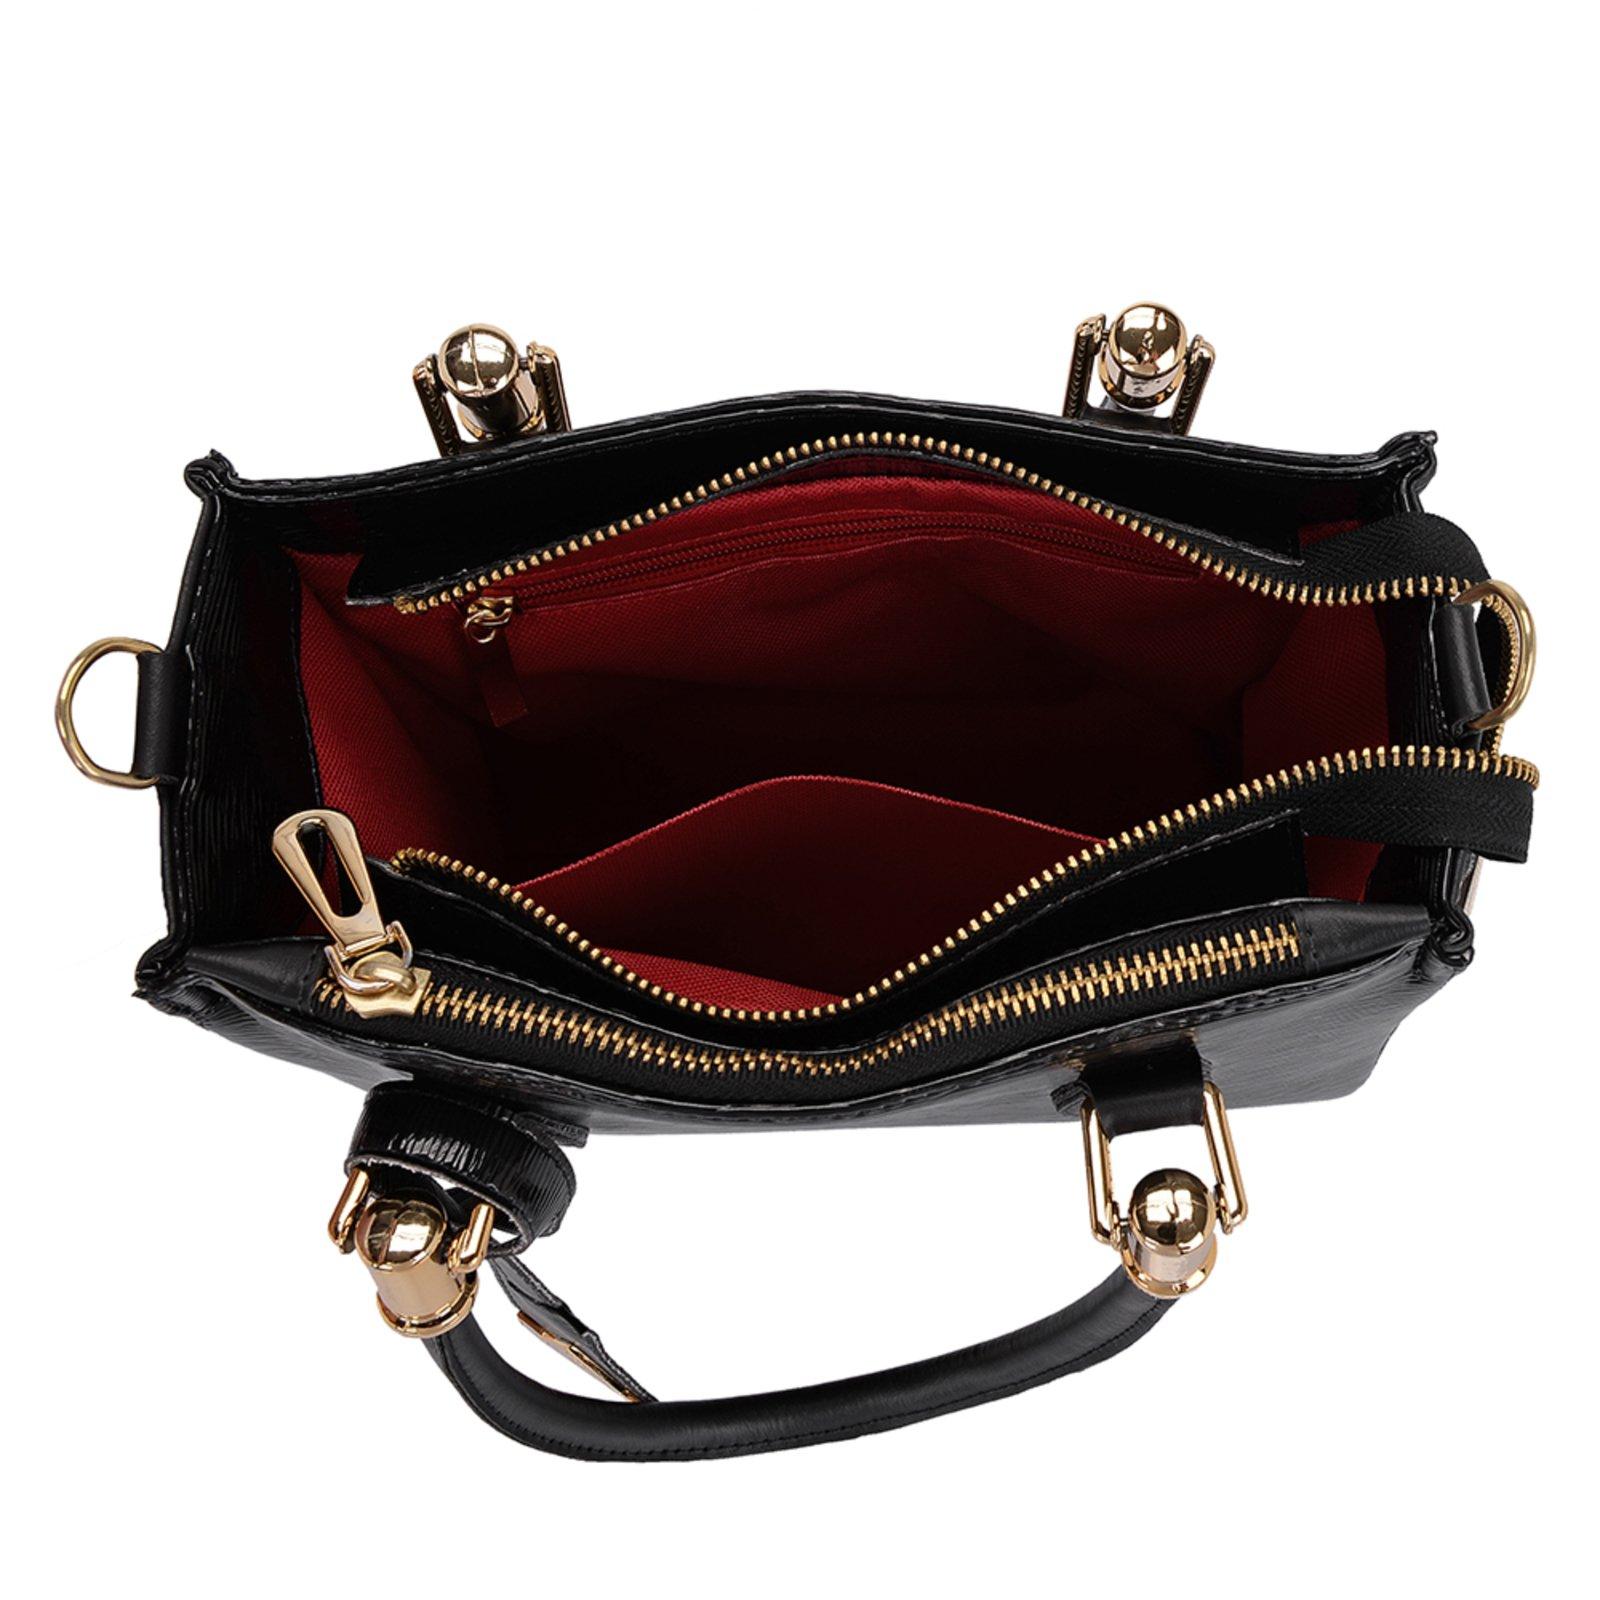 Bolsa Transversal com Bolsa Pequena e Carteira Feminina Preta Selten - Compre Agora